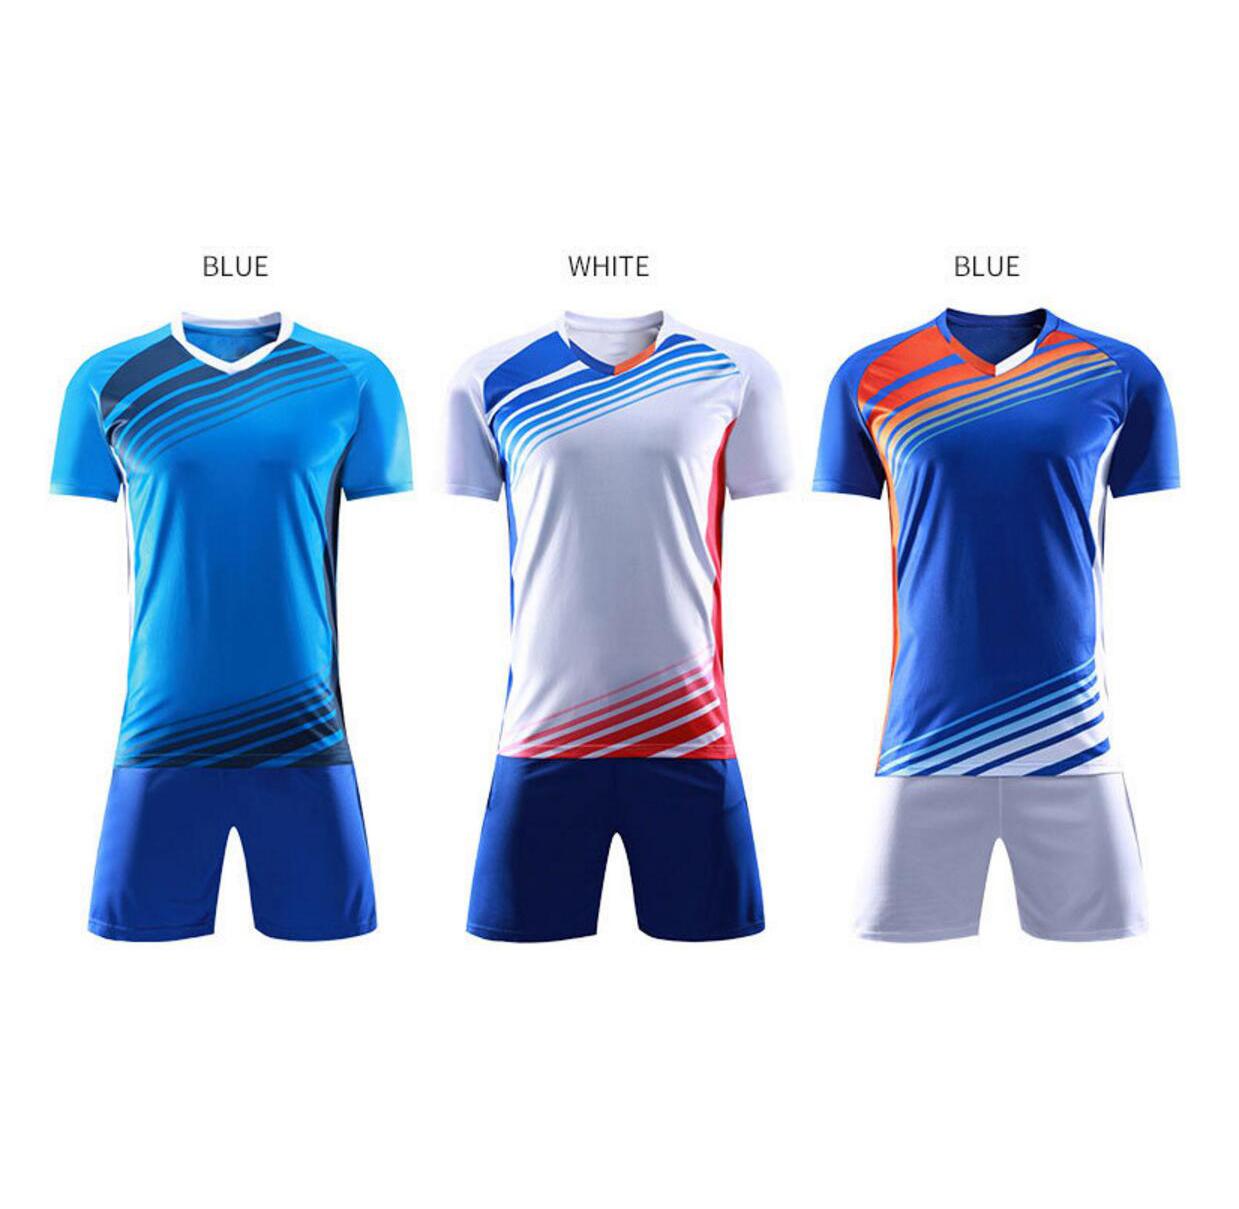 b60ea4e02a86d Sublimação Desgaste Da Equipe De Futebol personalizado Uniformes de Futebol  Camisa de Futebol da Inglaterra